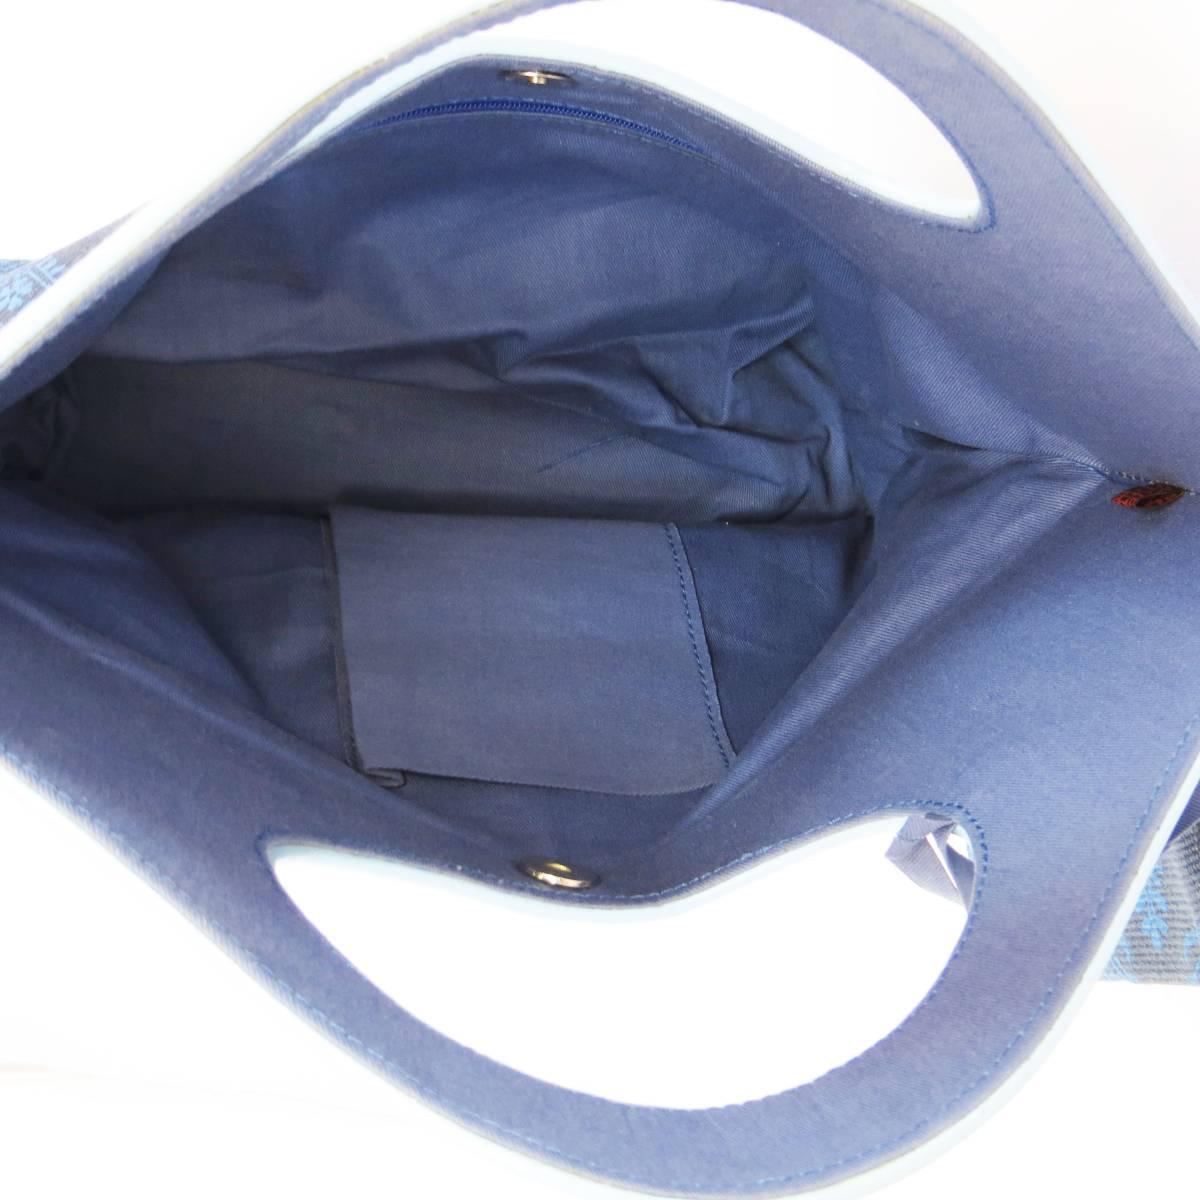 バッグ レディース 新品 本革 牛革とジュート製 エスニックプリント 海外 ブランド 送料無料 (621)_画像8